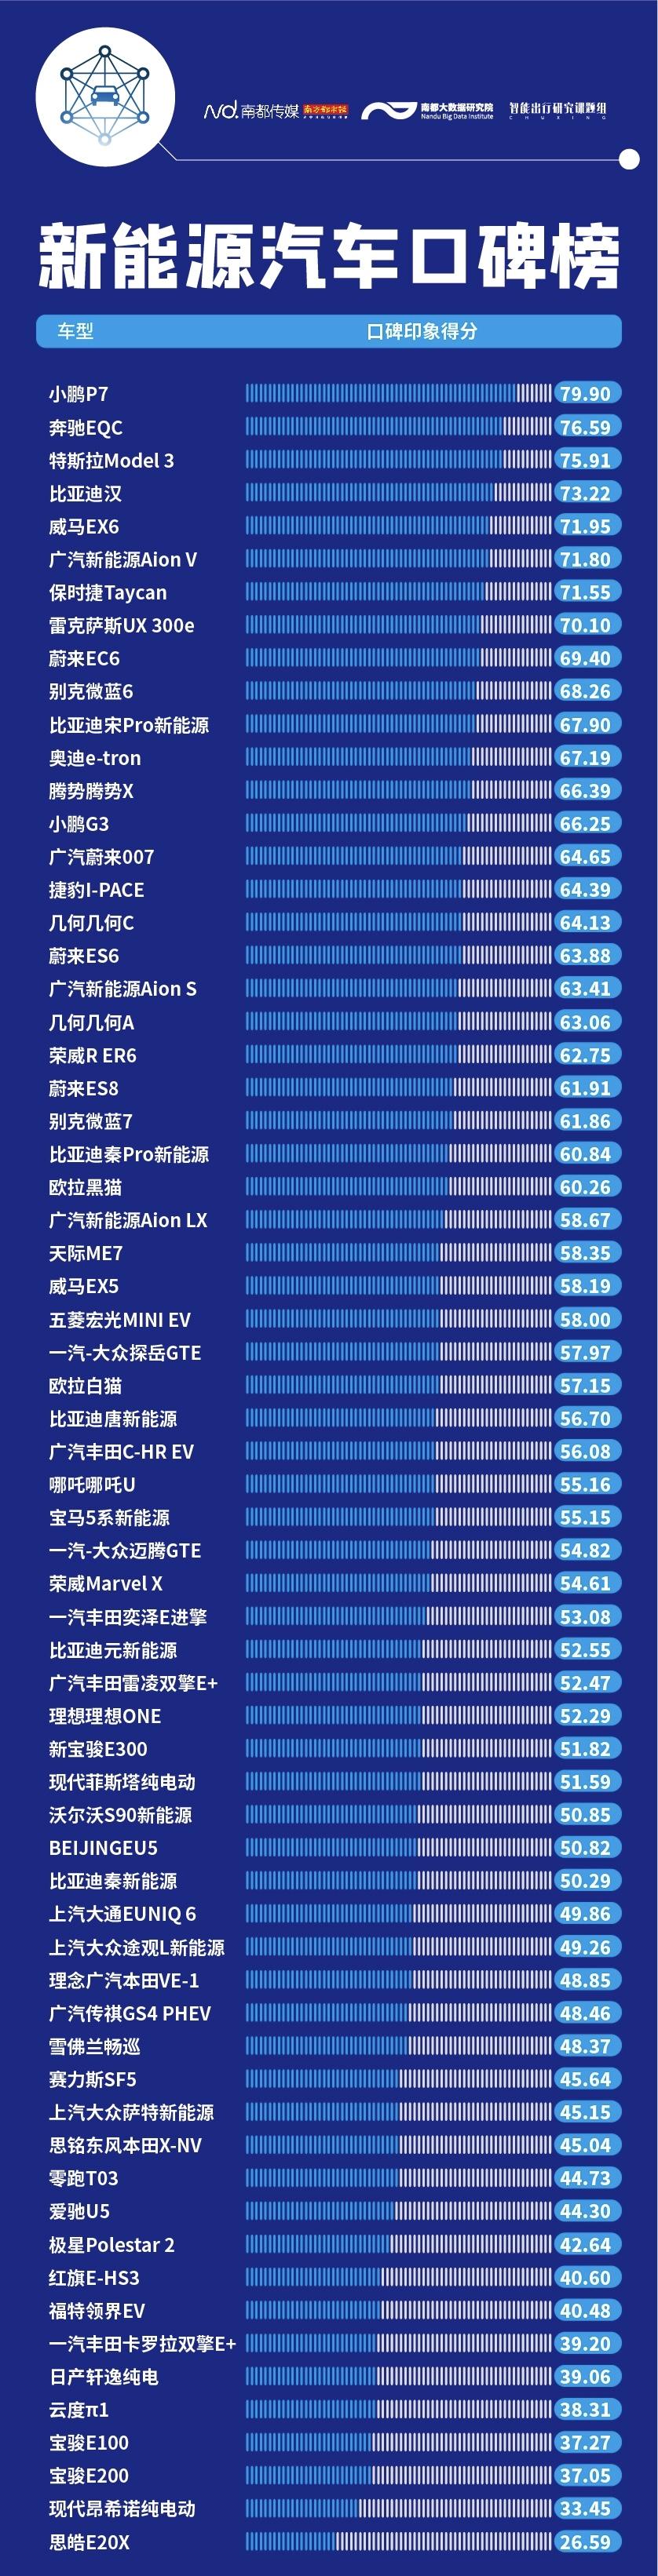 小鹏P7获最佳口碑,买新能源汽车看这个2020口碑榜单